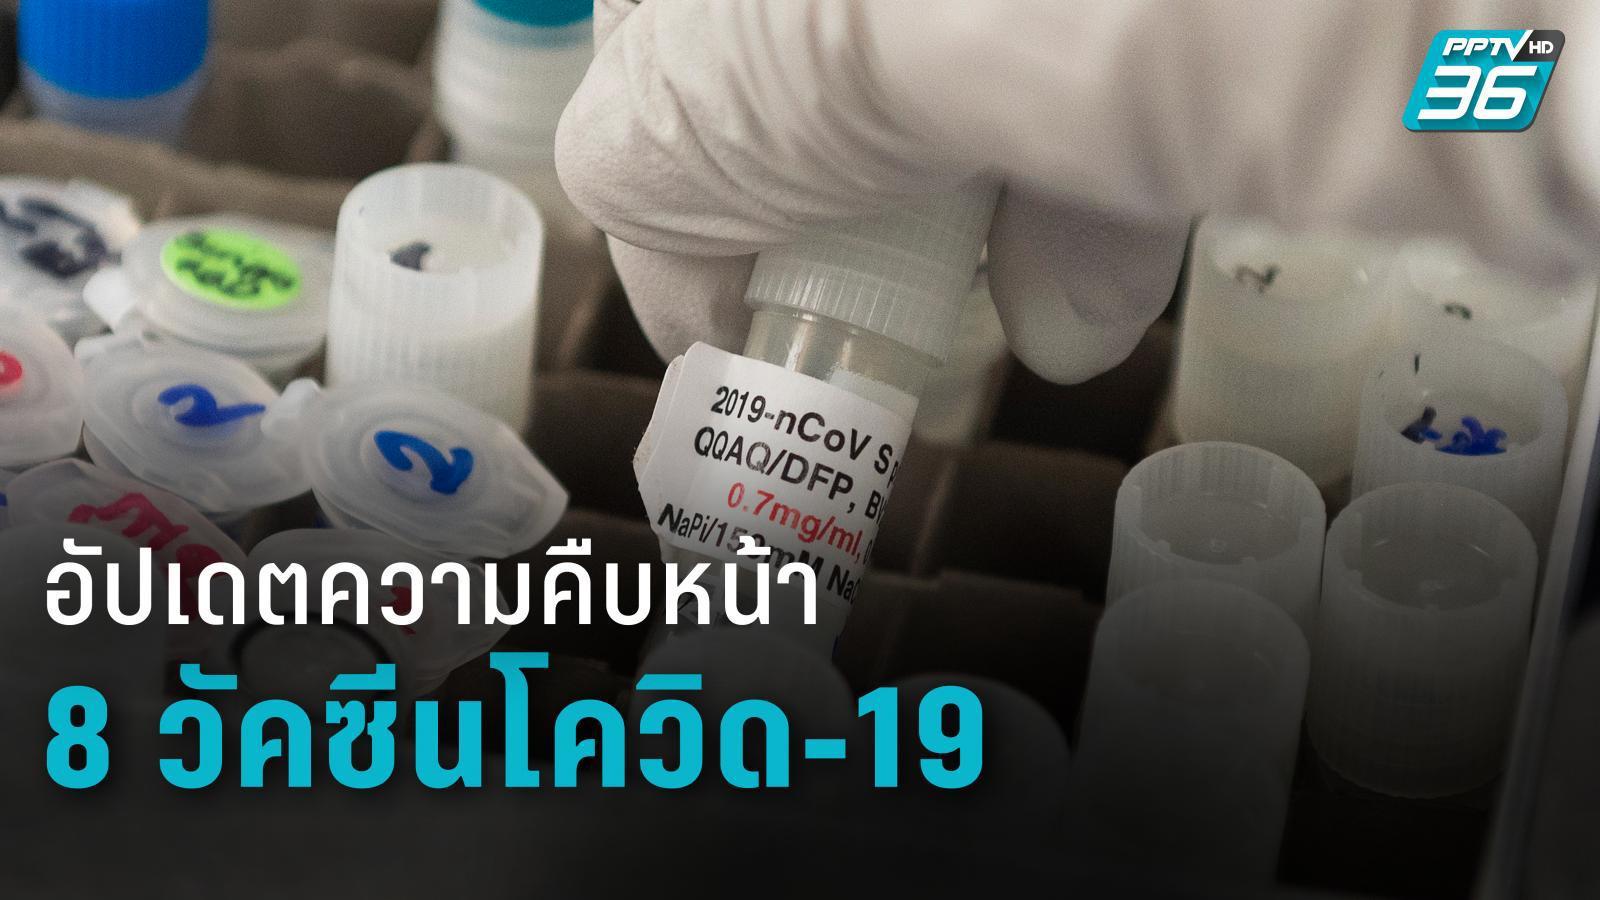 อัปเดตความคืบหน้า 8 วัคซีนโควิด-19 ที่กำลังทดสอบในมนุษย์